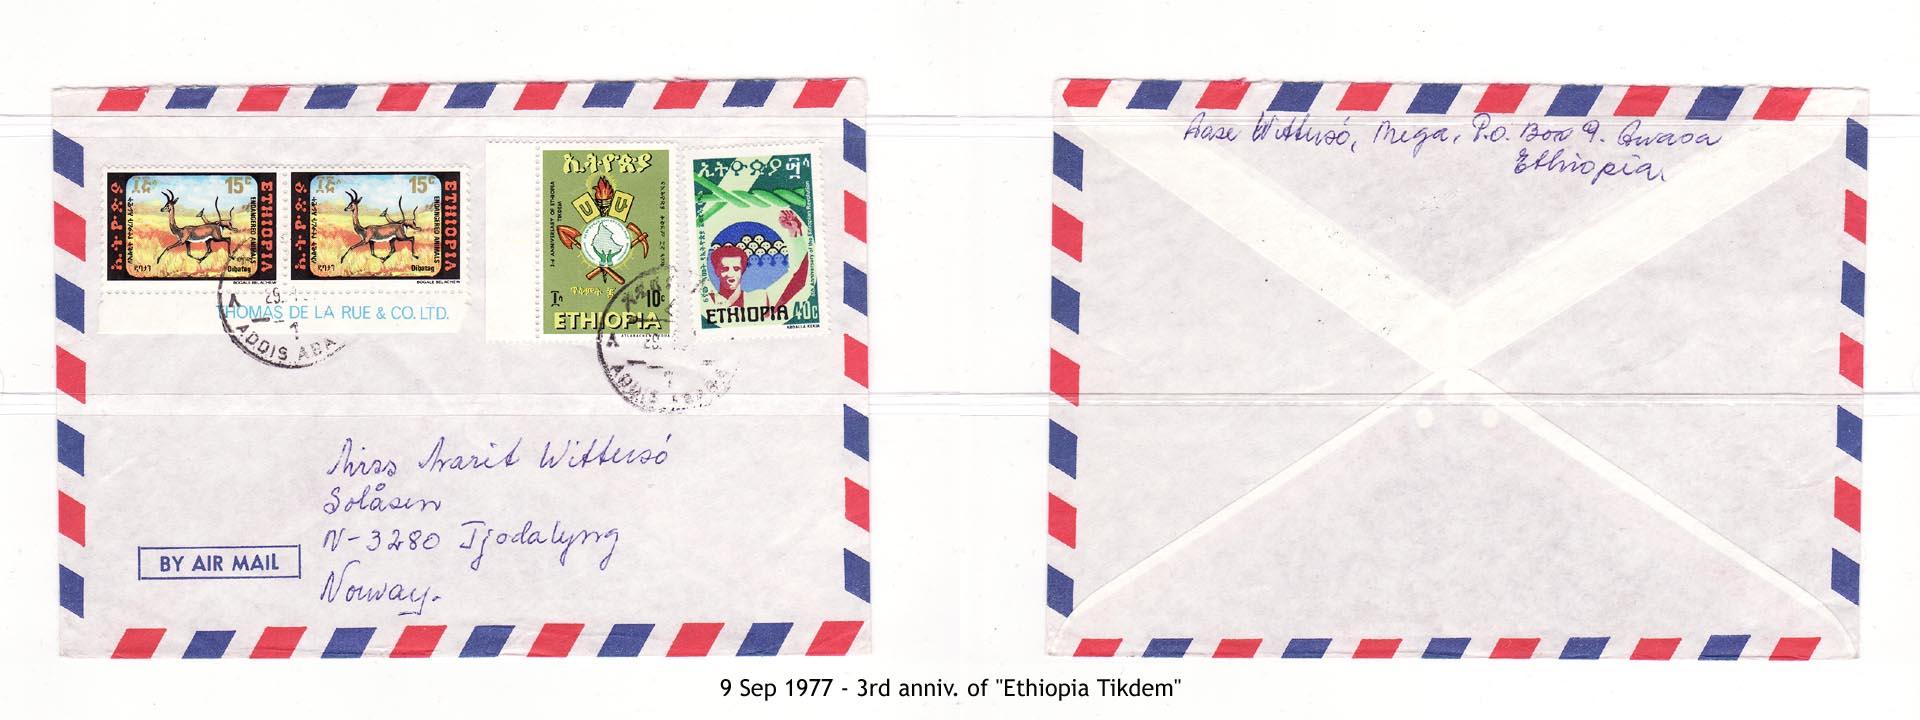 19770909 - 3rd anniv. of Ethiopia Tikdem